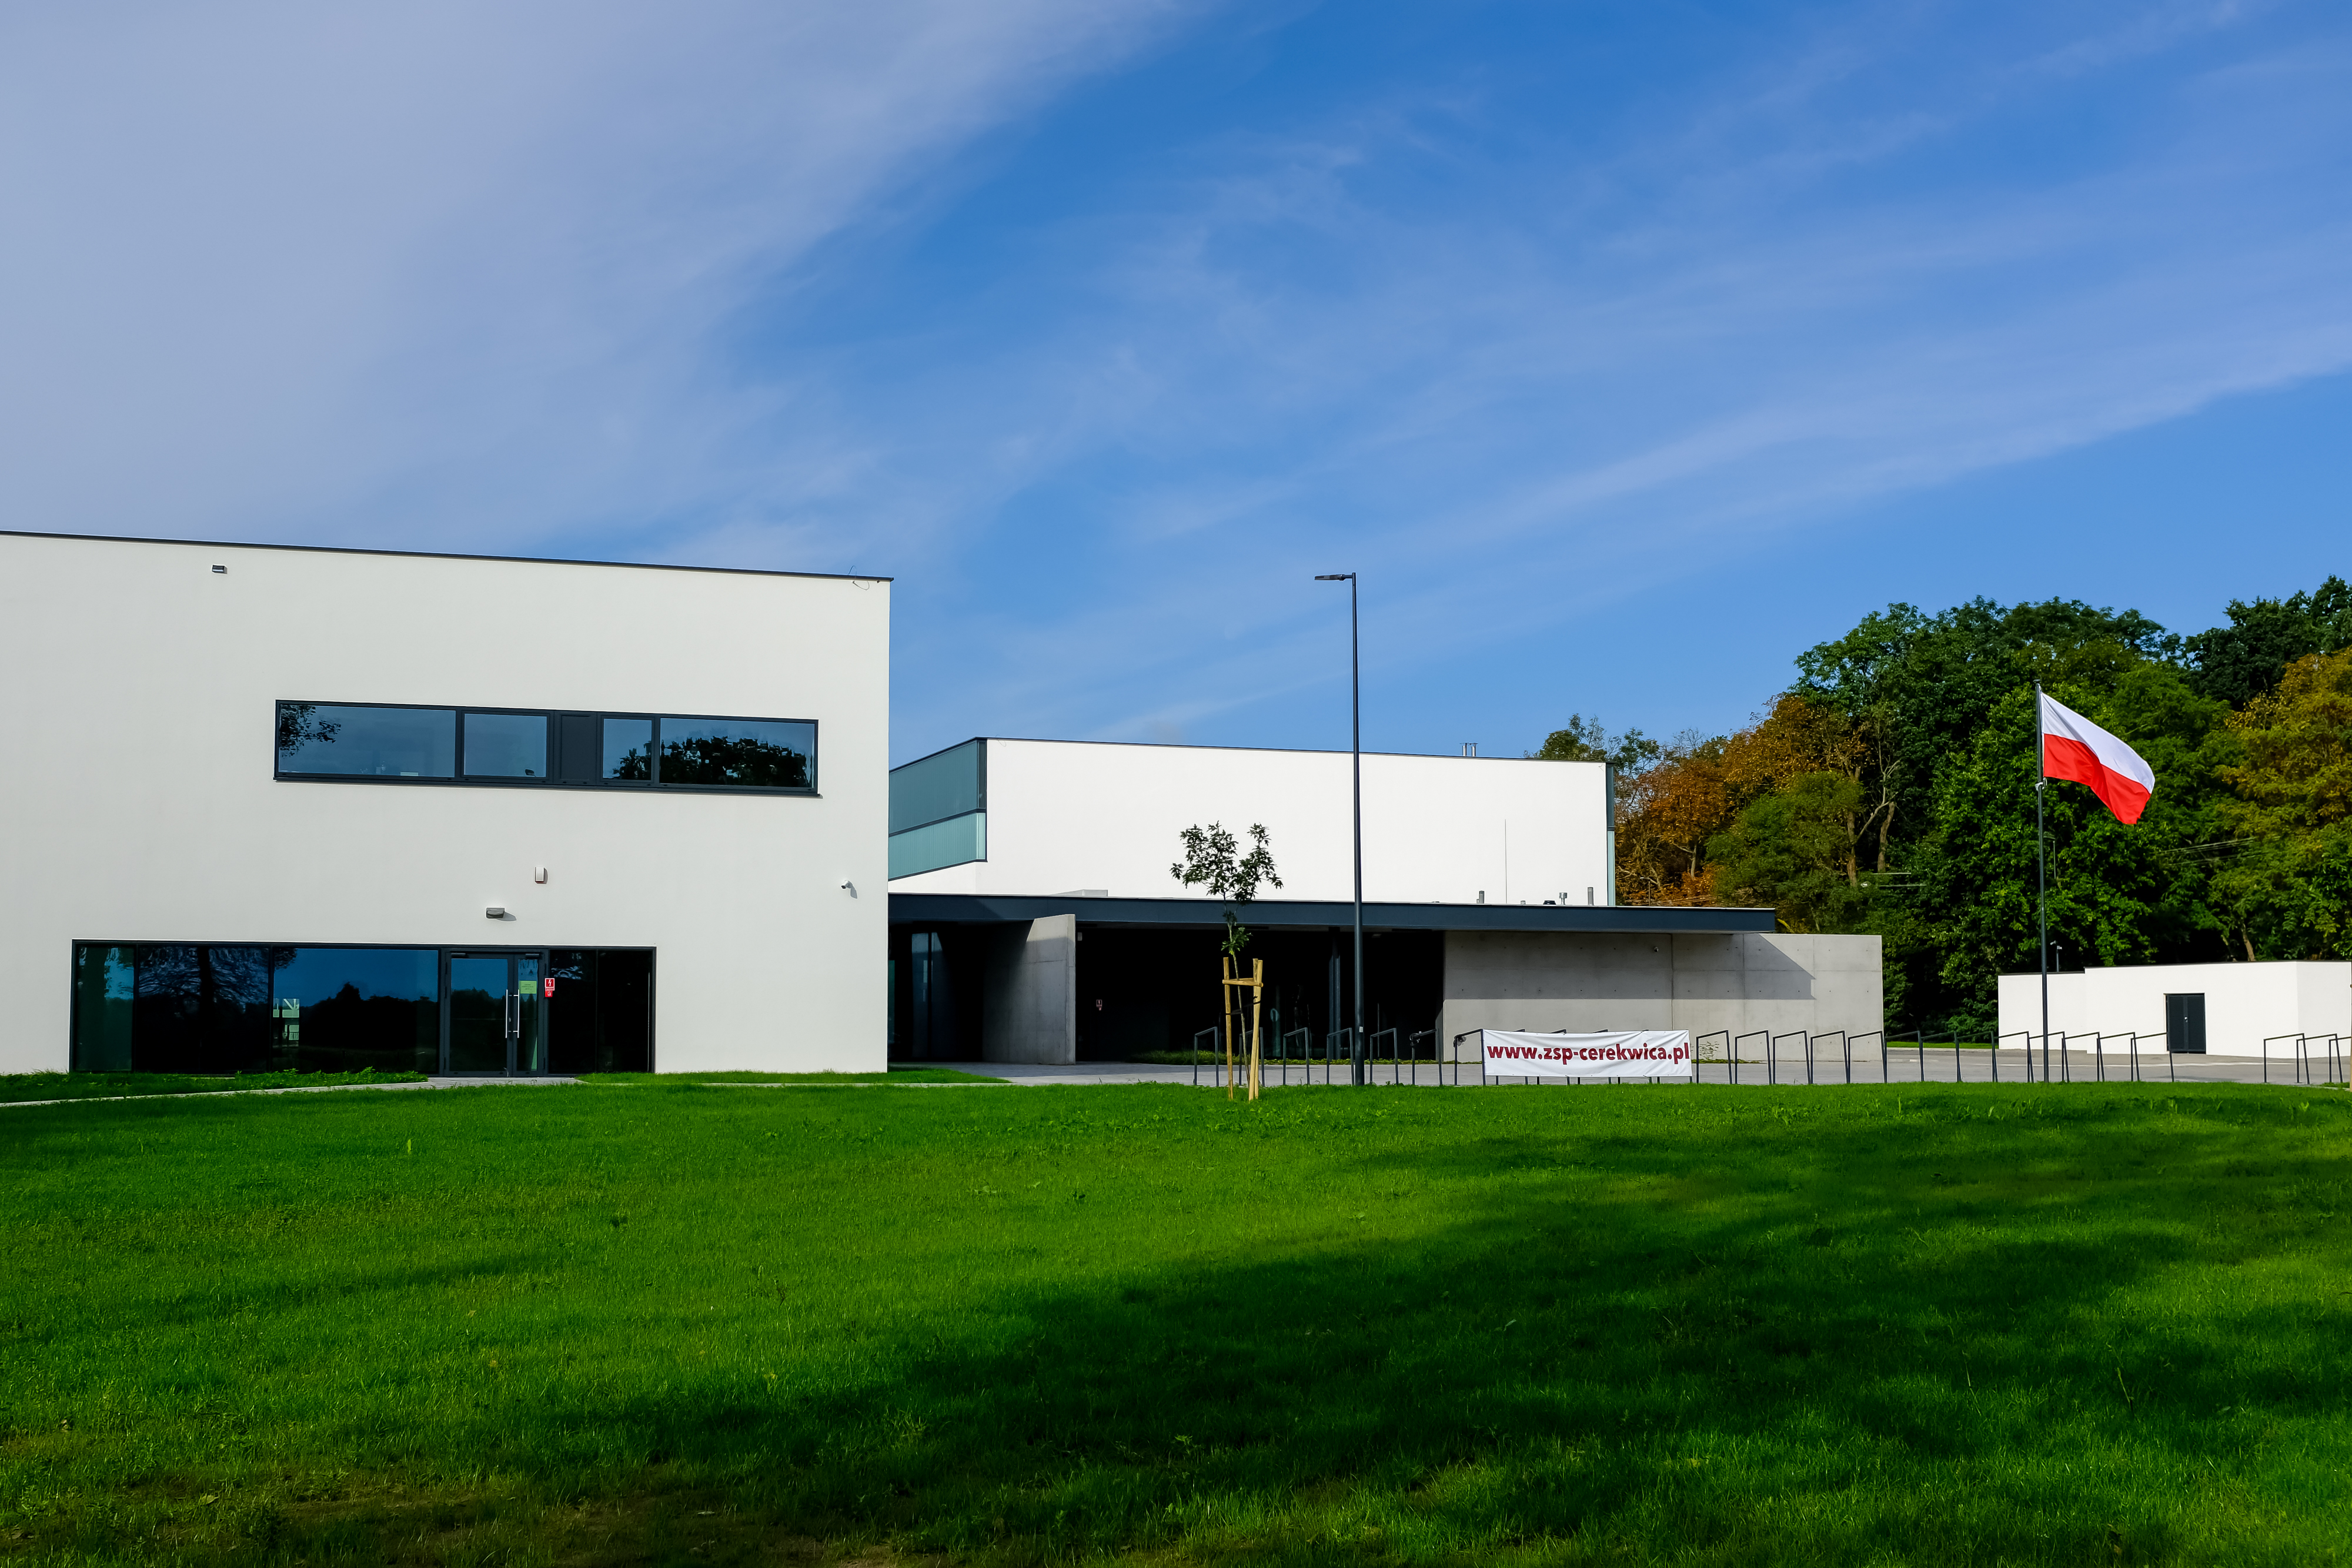 Na zdjęciu widać budynek Szkoły Podstawowej w Cerekwicy. Przed szkołą widoczny szeroki trawnik, po prawej stronie masz z wywieszoną biało-czerwoną flagą.